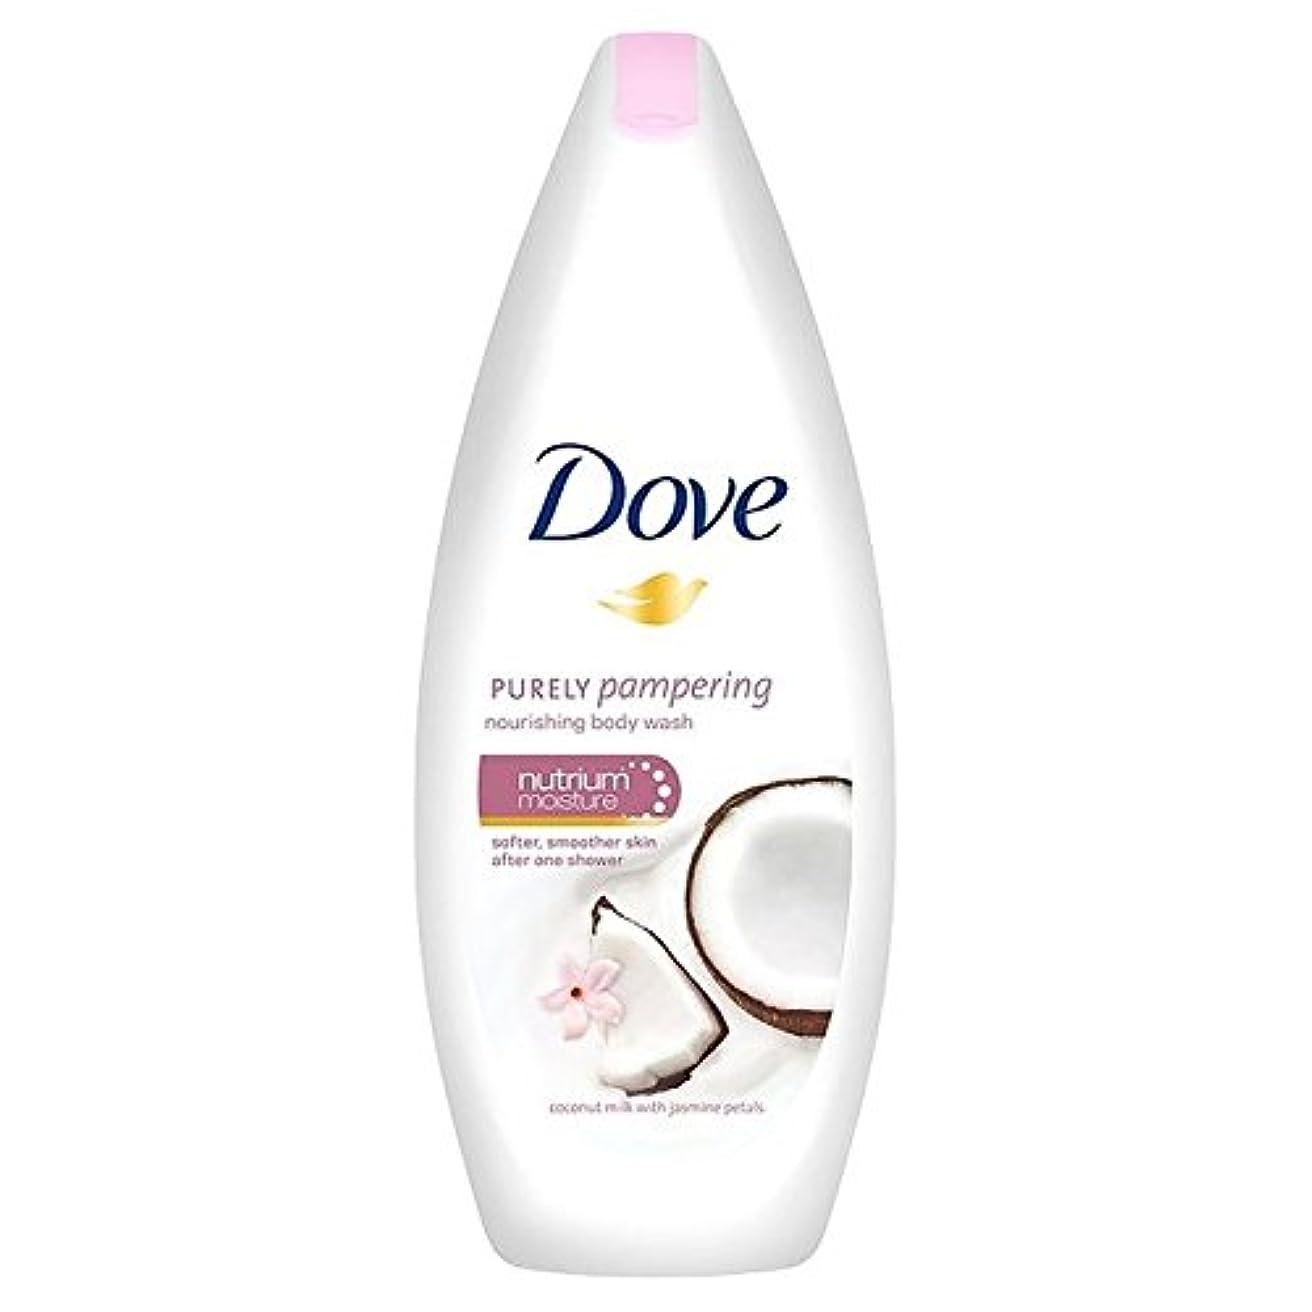 アマゾンジャングル毎回薬鳩純粋に甘やかすココナッツボディウォッシュ250ミリリットル x4 - Dove Purely Pampering Coconut Body Wash 250ml (Pack of 4) [並行輸入品]